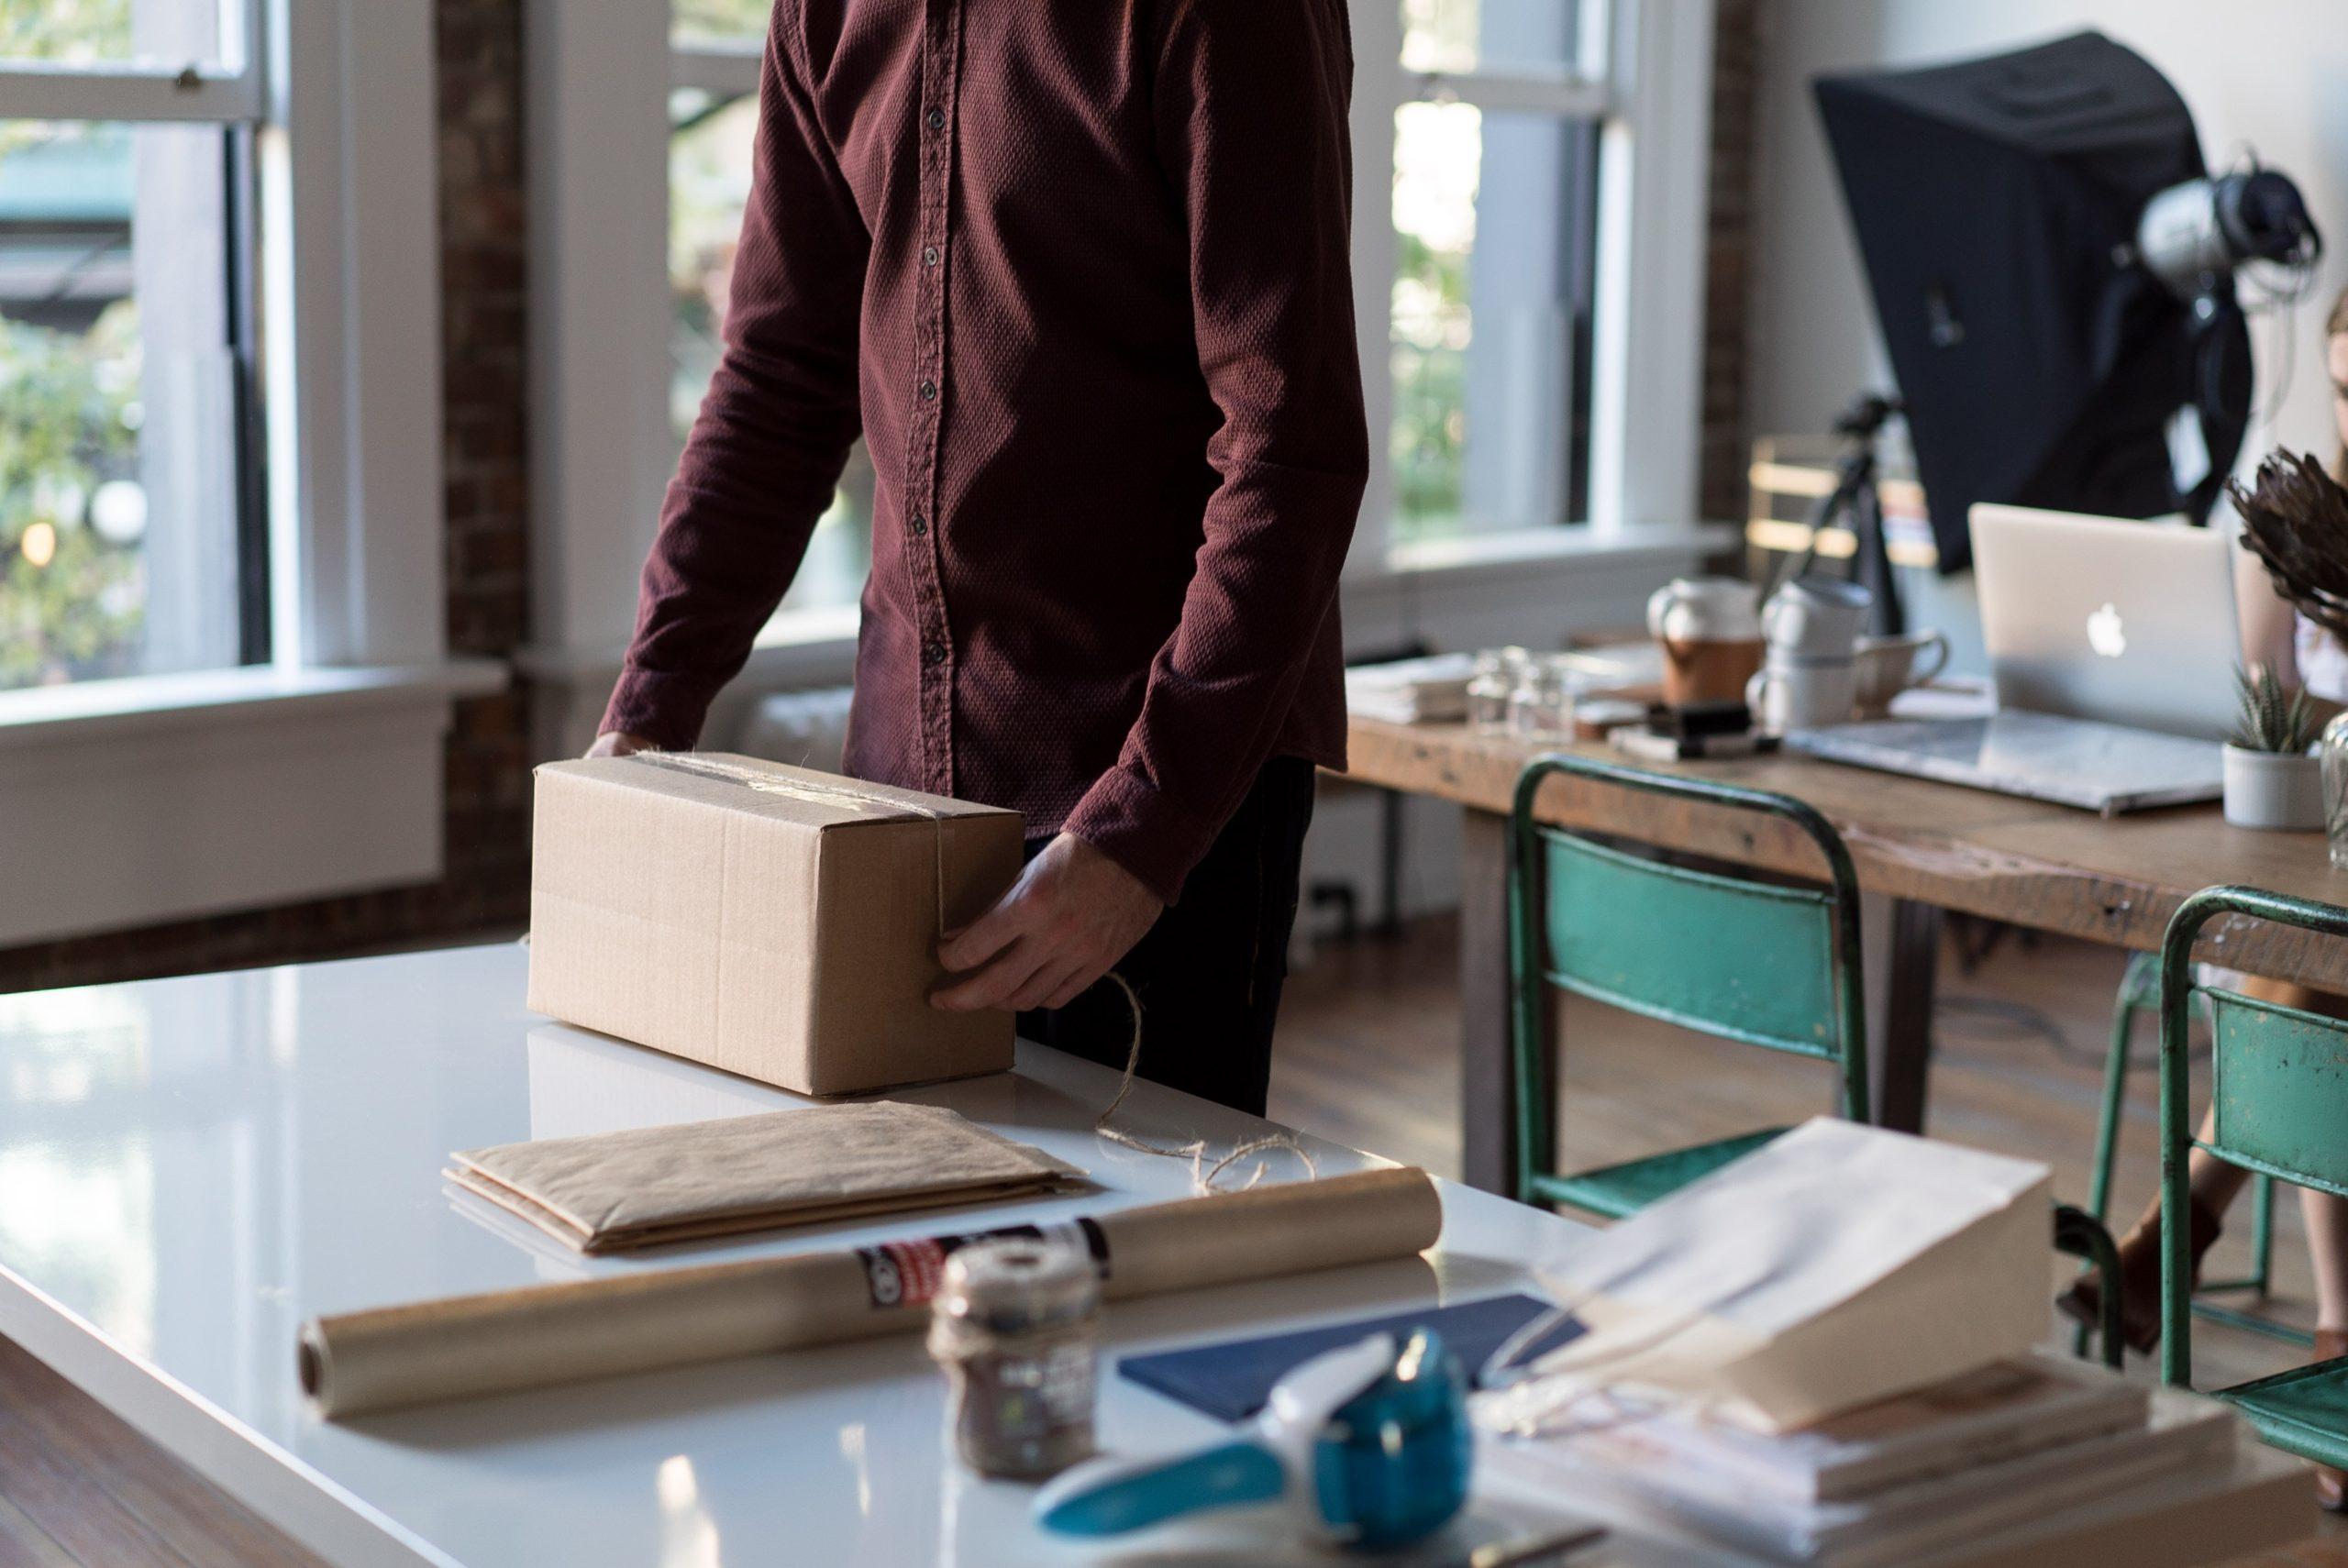 ラクラクメルカリ便・クリックポストで発送する際の梱包方法